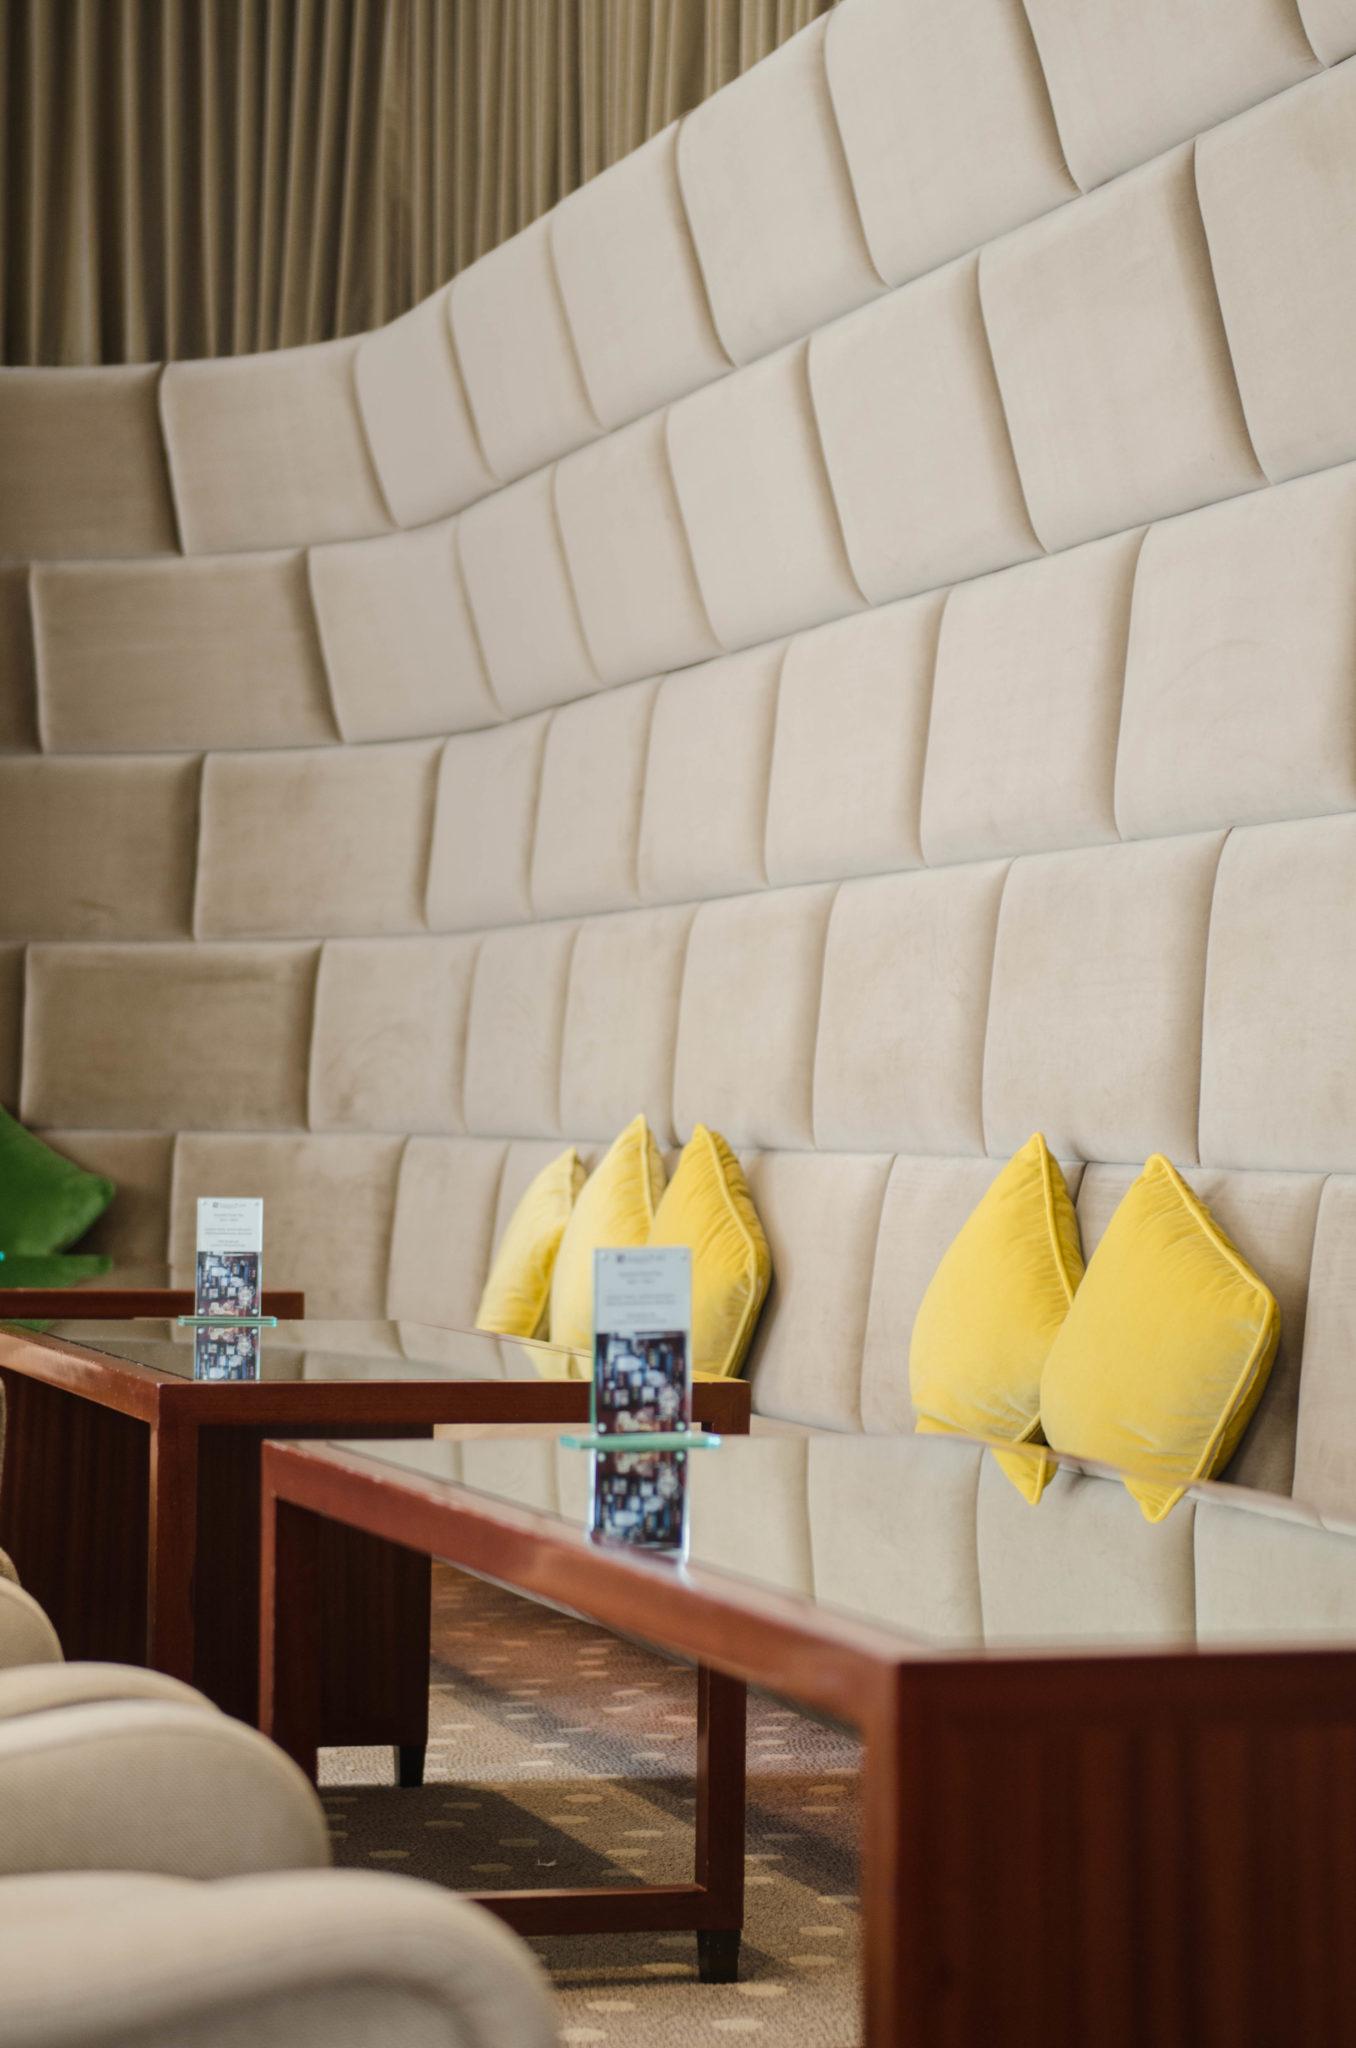 Lanson Place Hotel Hongkong: Die Lobby ist ein Konglomerat aus schicken Sitzecken